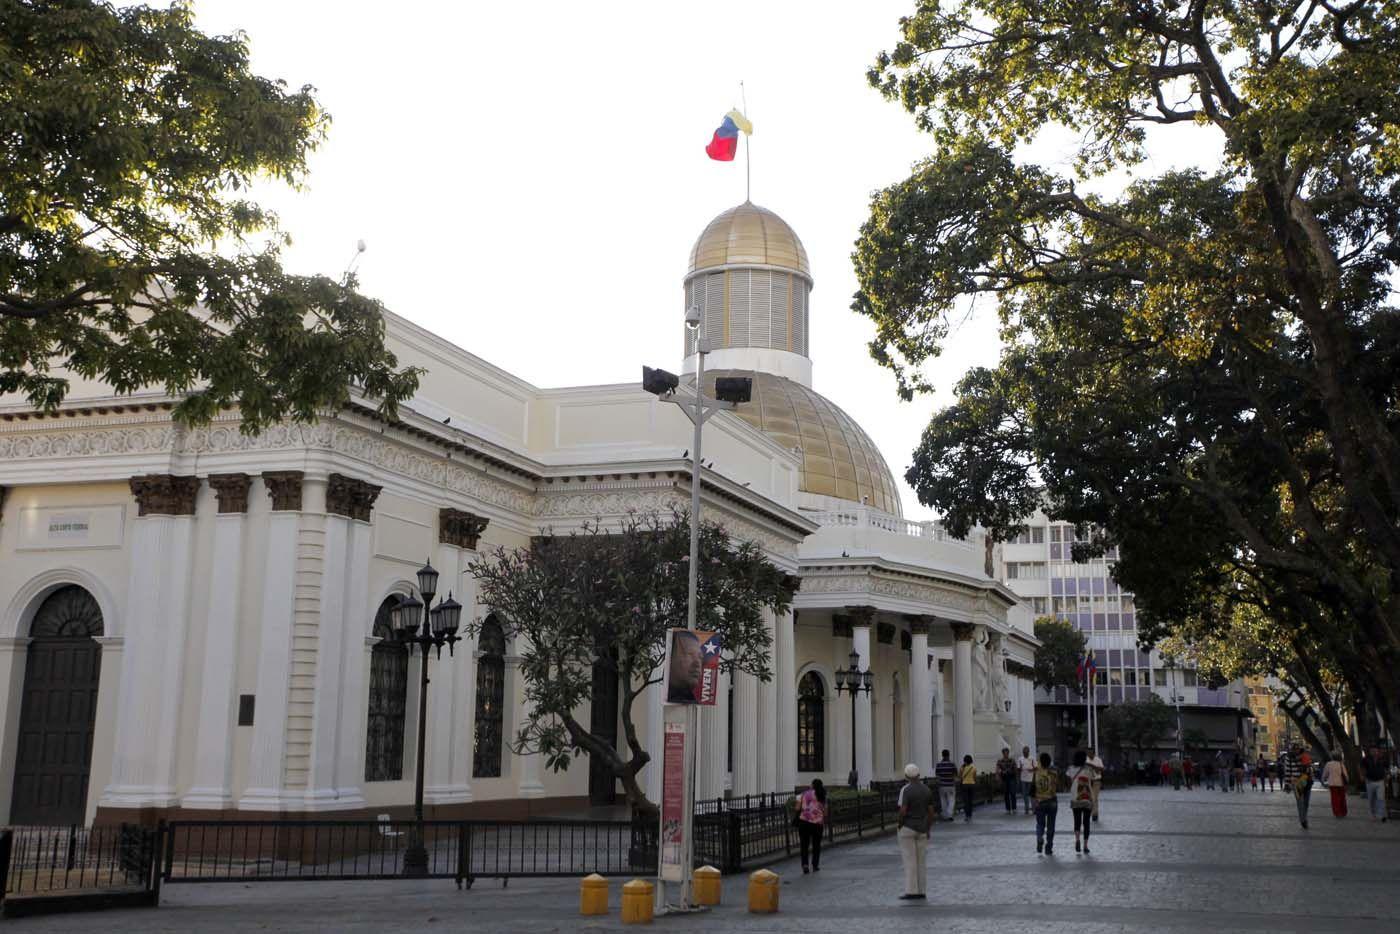 Parlamento venezolano exhorta a la CAF a no aprobar el endeudamiento del Gobierno - http://wp.me/p7GFvM-DDs